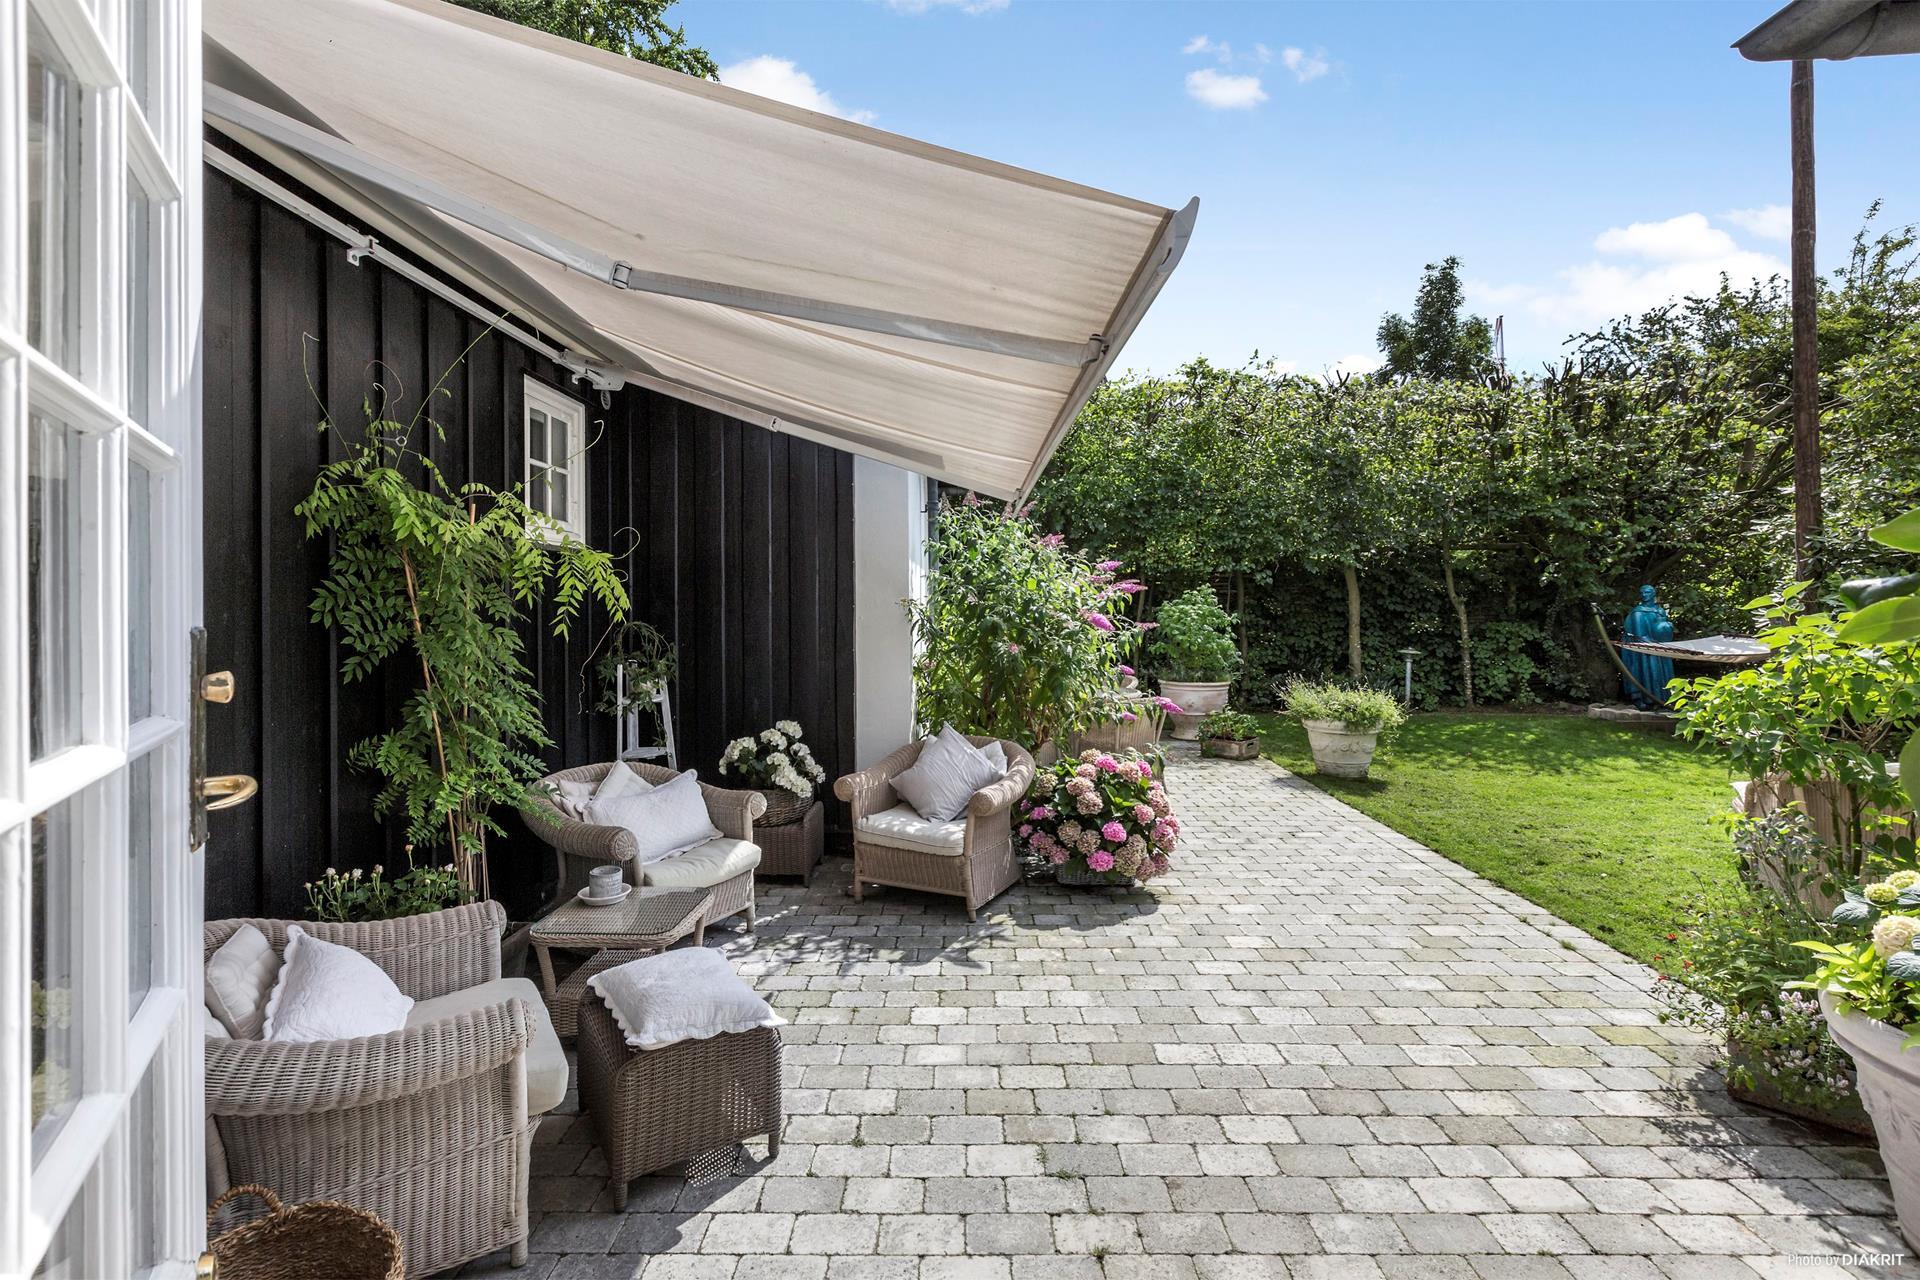 загородный дом маркиза терраса отмостка садовая мебель